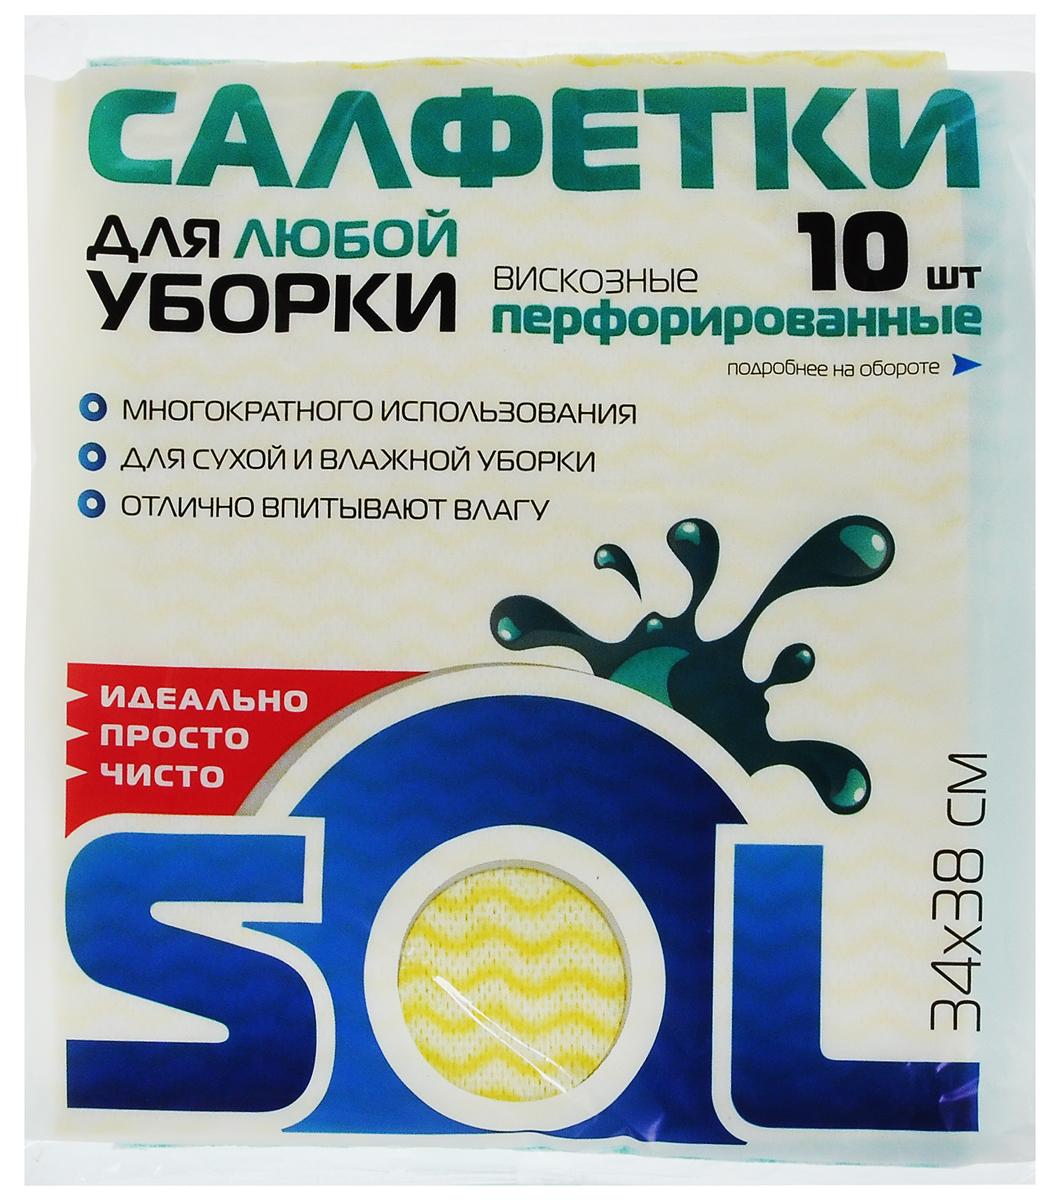 Салфетка для уборки Sol из вискозы, перфорированная, цвет: желтый, зеленый, 34 x 38 см, 10 шт787502Перфорированные салфетки для уборки Sol, выполненные из вискозы и полиэстера,предназначены для уборки и могут применяться с различными моющимисредствами. Эффективно впитывают жидкость. Мягкие и прочные, легкоотжимаются и быстро сохнут.Рекомендации по уходу: Для обеспечения гигиеничности уборки после применения прополоскать в теплойводе.Для продления срока службы не применять машинную стирку, не гладить и некипятить.Комплектация: 10 салфеток.Размер салфетки: 34 х 38 см.